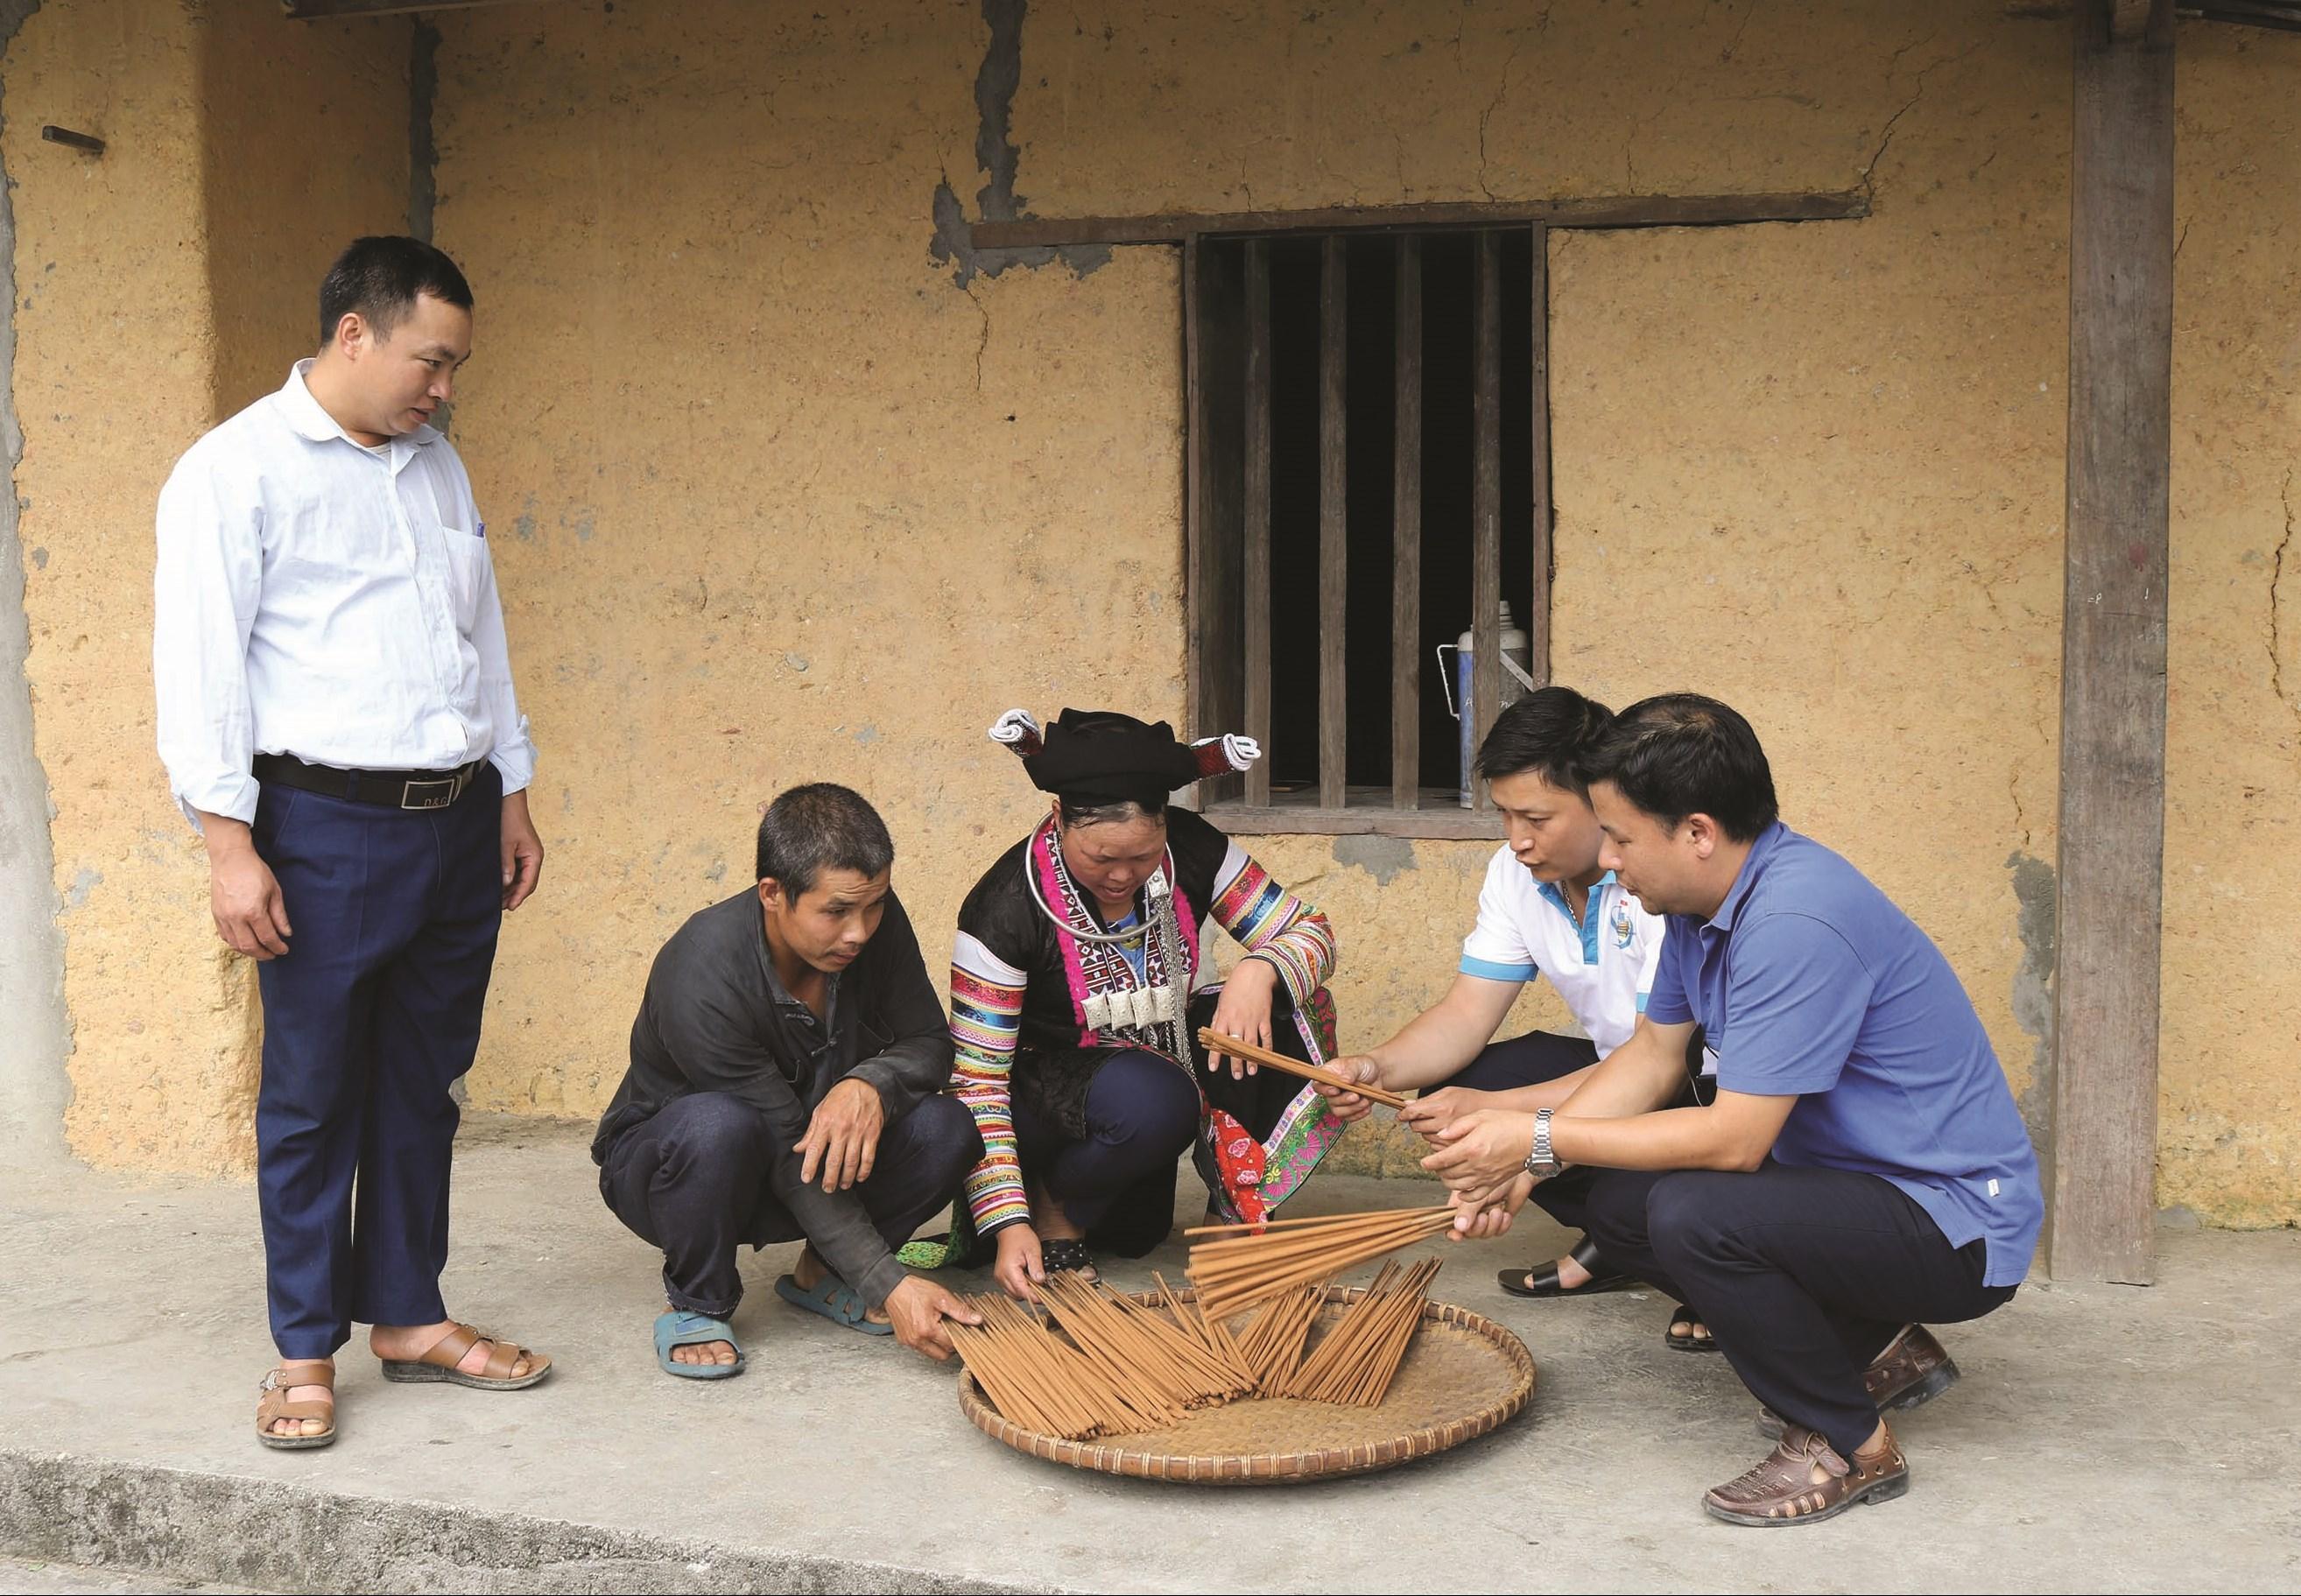 Cán bộ UBND thị trấn Tam Sơn (Quản Bạ) đến nhà dân vận động bà con phát triển kinh tế